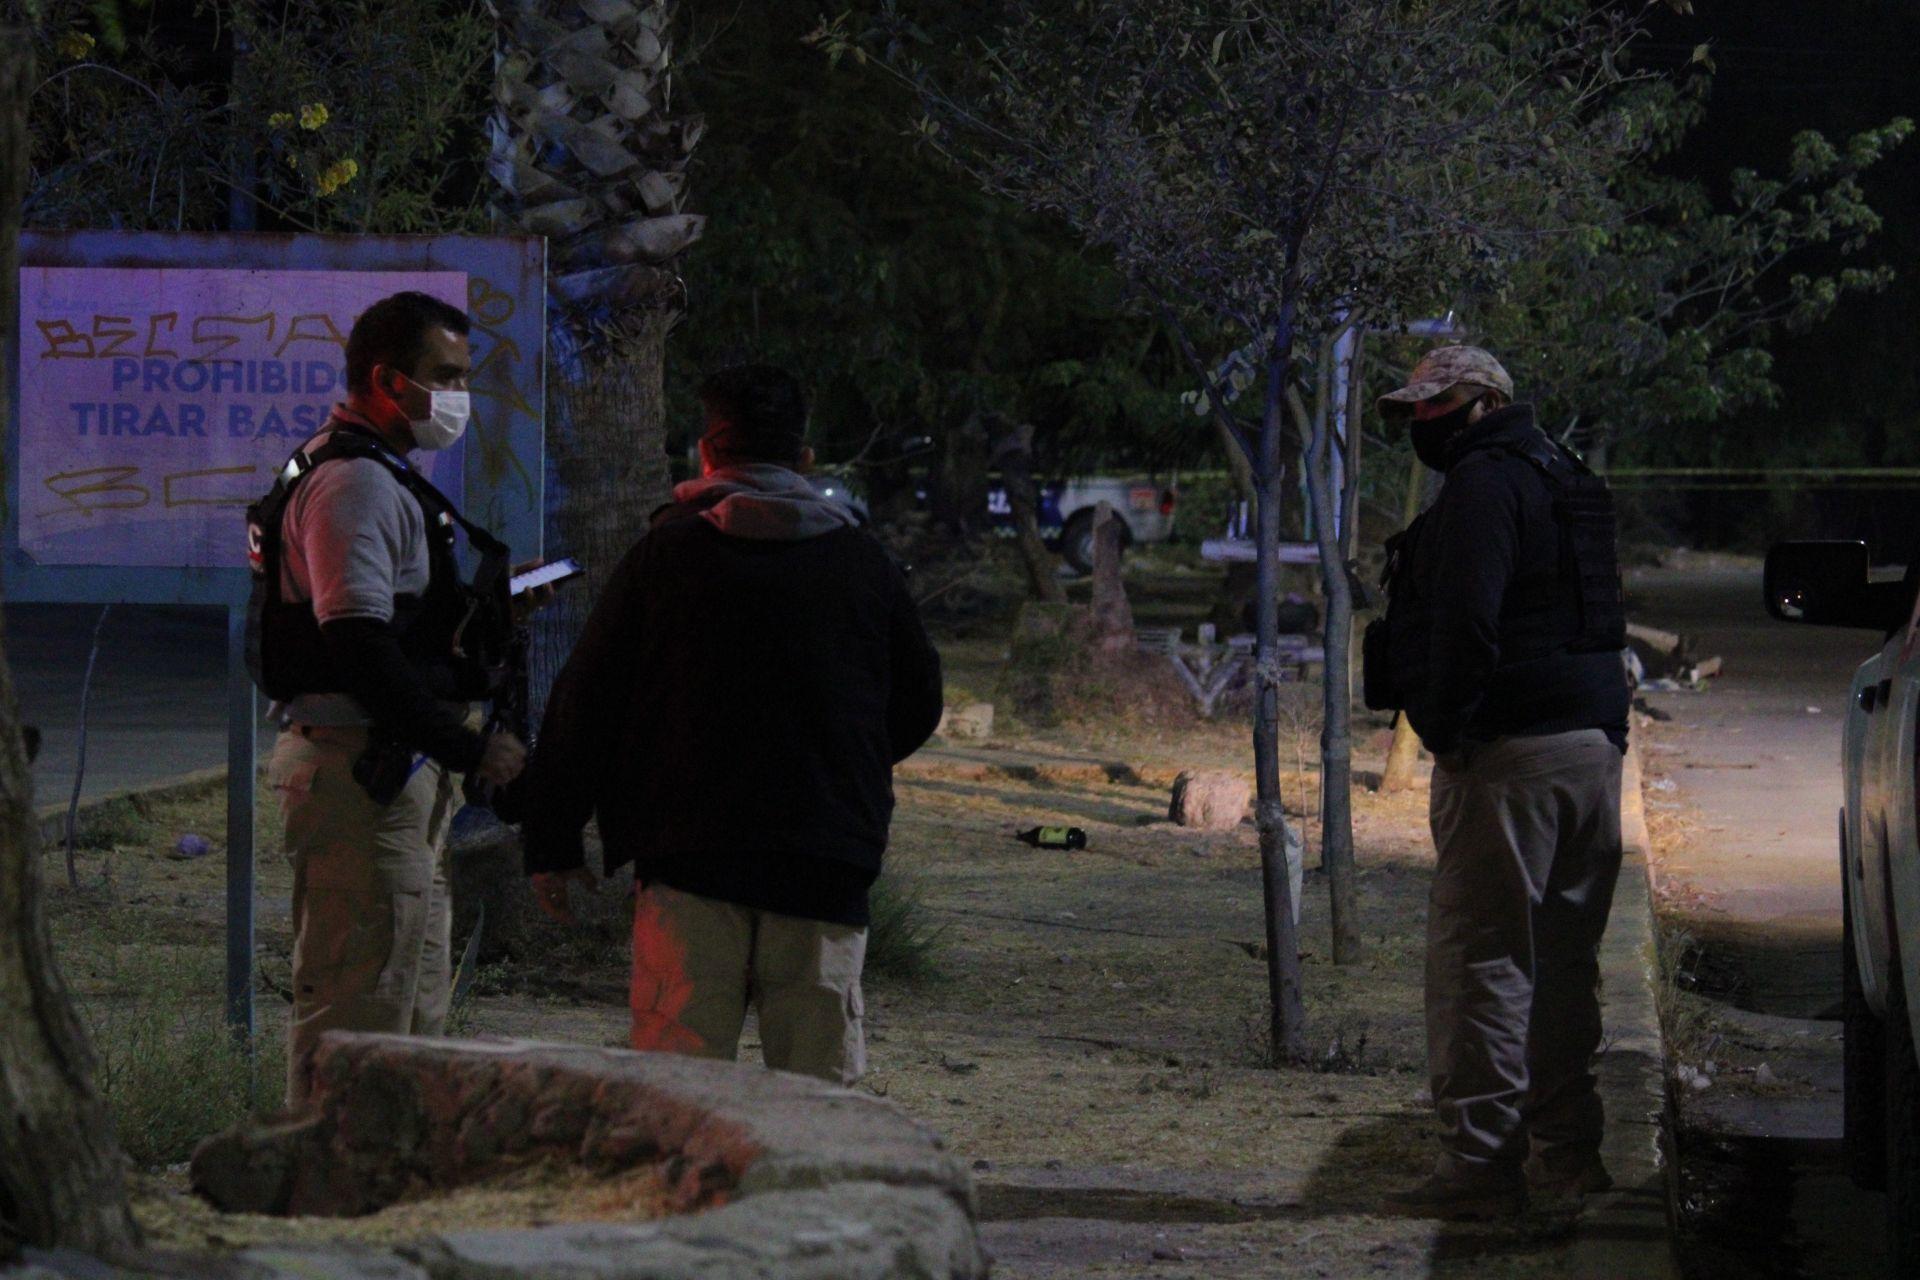 CELAYA, GUANAJUATO, 07ENERO2021.- Nueve hombres  fueron asesinados a balazos en un velorio de la colonia Arboledas de San Rafael. Los hechos ocurrieron a las 9 de la noche en un domicilio de la calle Chapultepec. Las víctimas velaban un cuerpo cuando hombres armados ingresaron y dispararon con armas largas a los asistentes. Algunos intentaron escapar pero fueron alcanzados por las balas. Cuatro quedaron en la vía pública y cinco al interior de la vivienda.